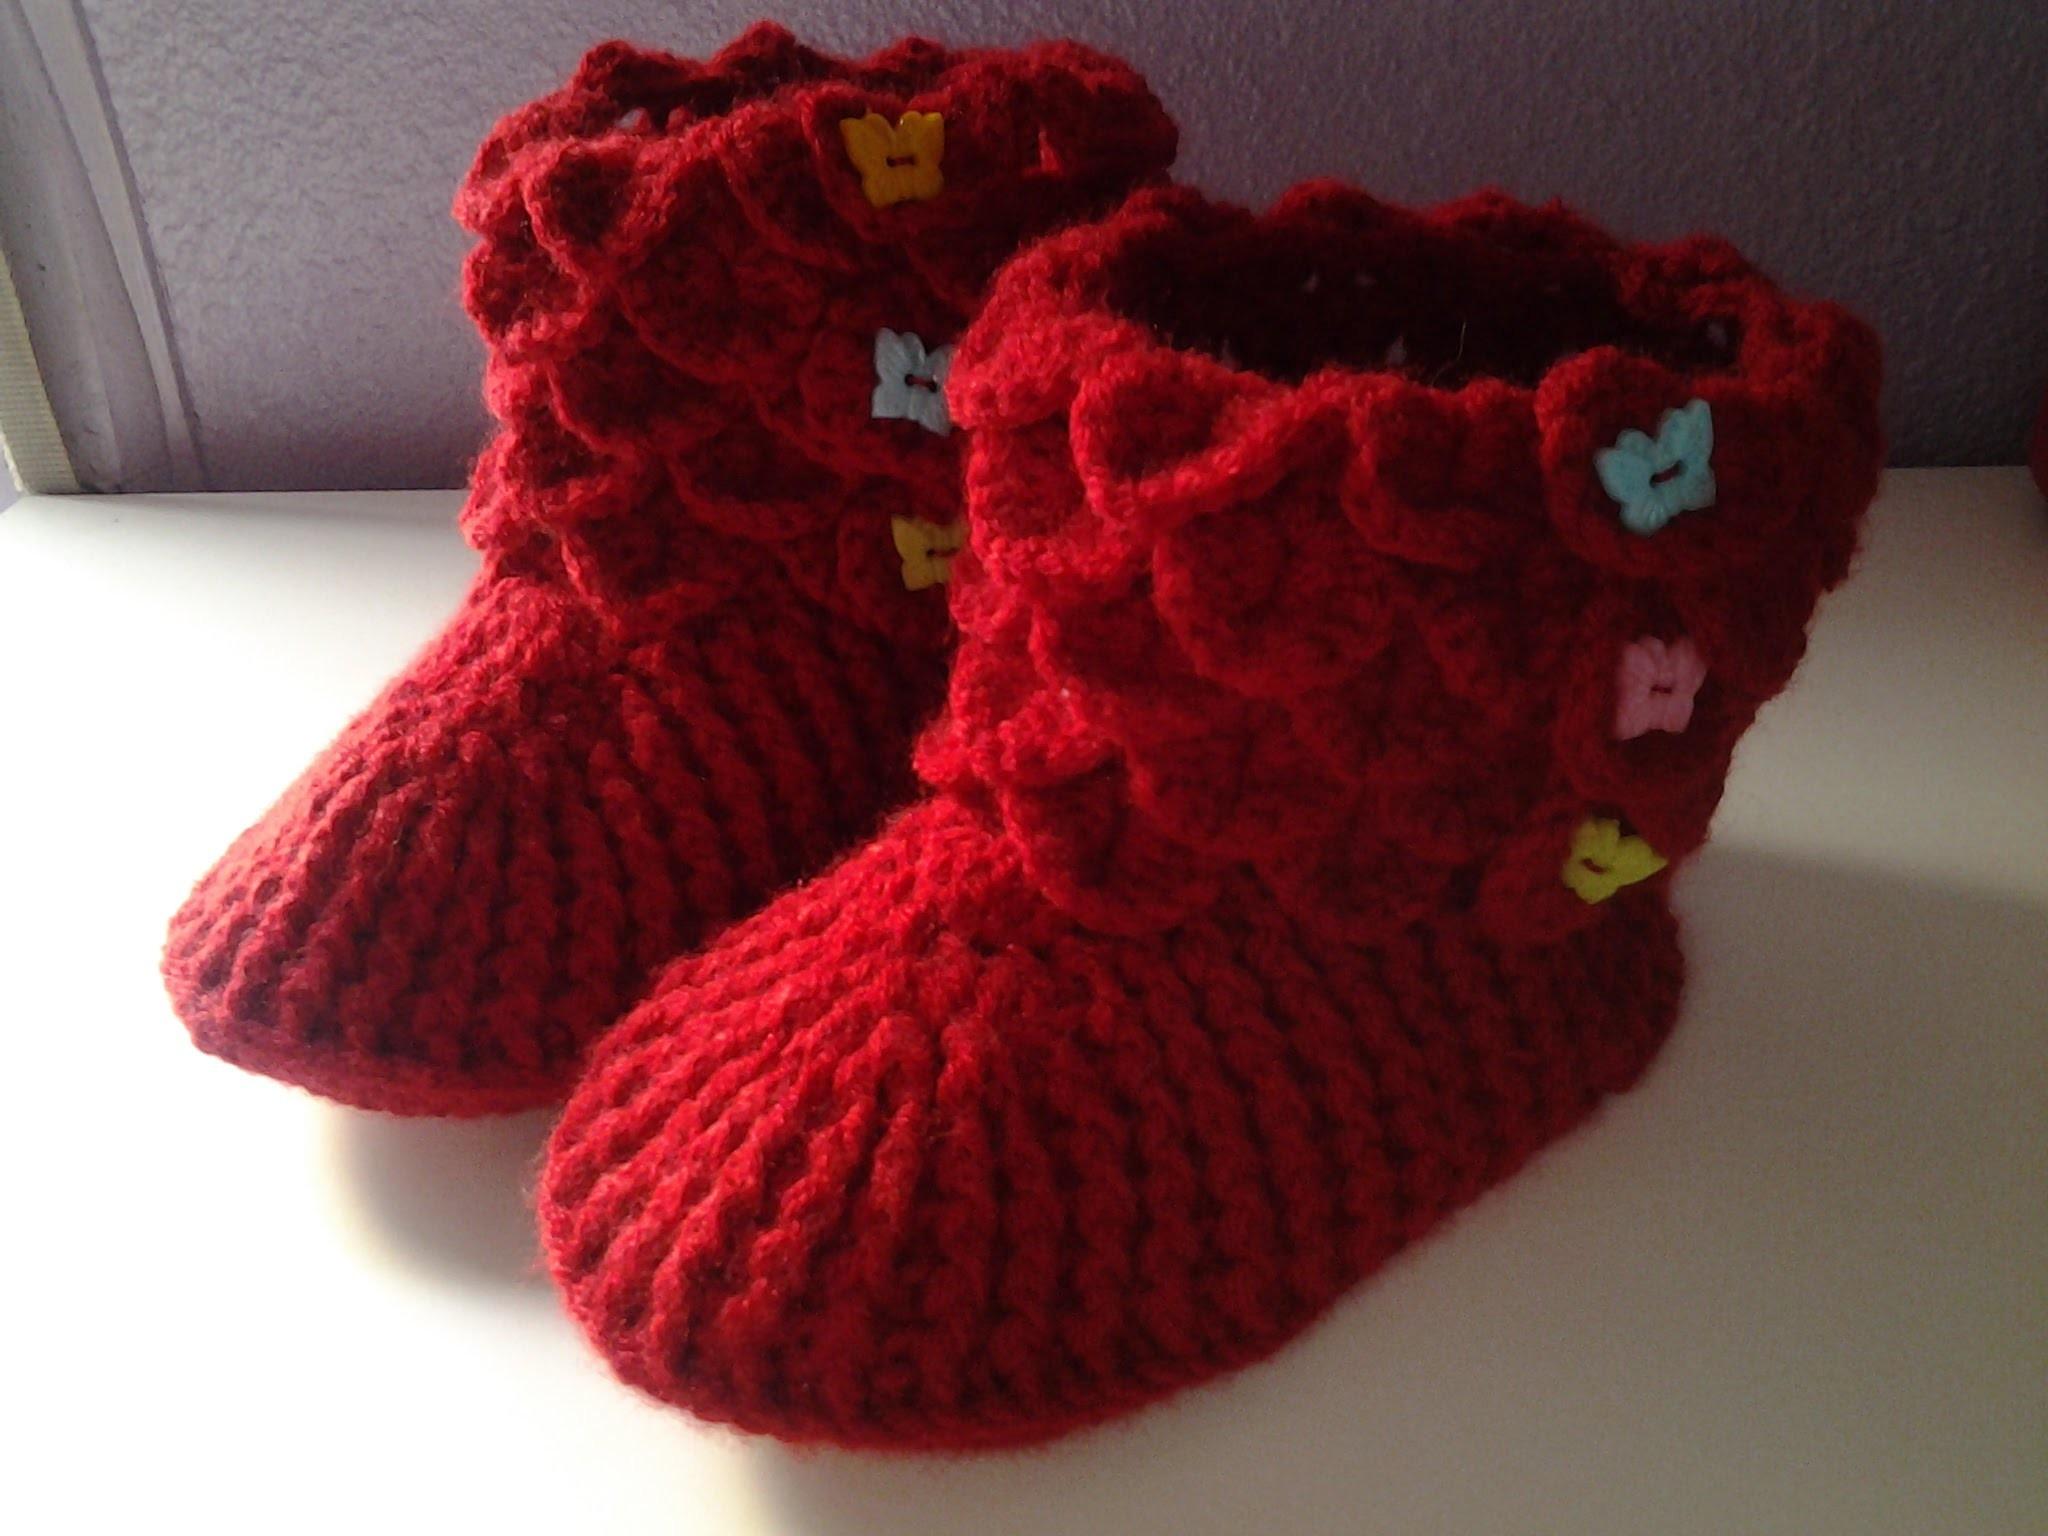 Botines cocodrilo a crochet (ganchillo)  4 #tutorial DIY